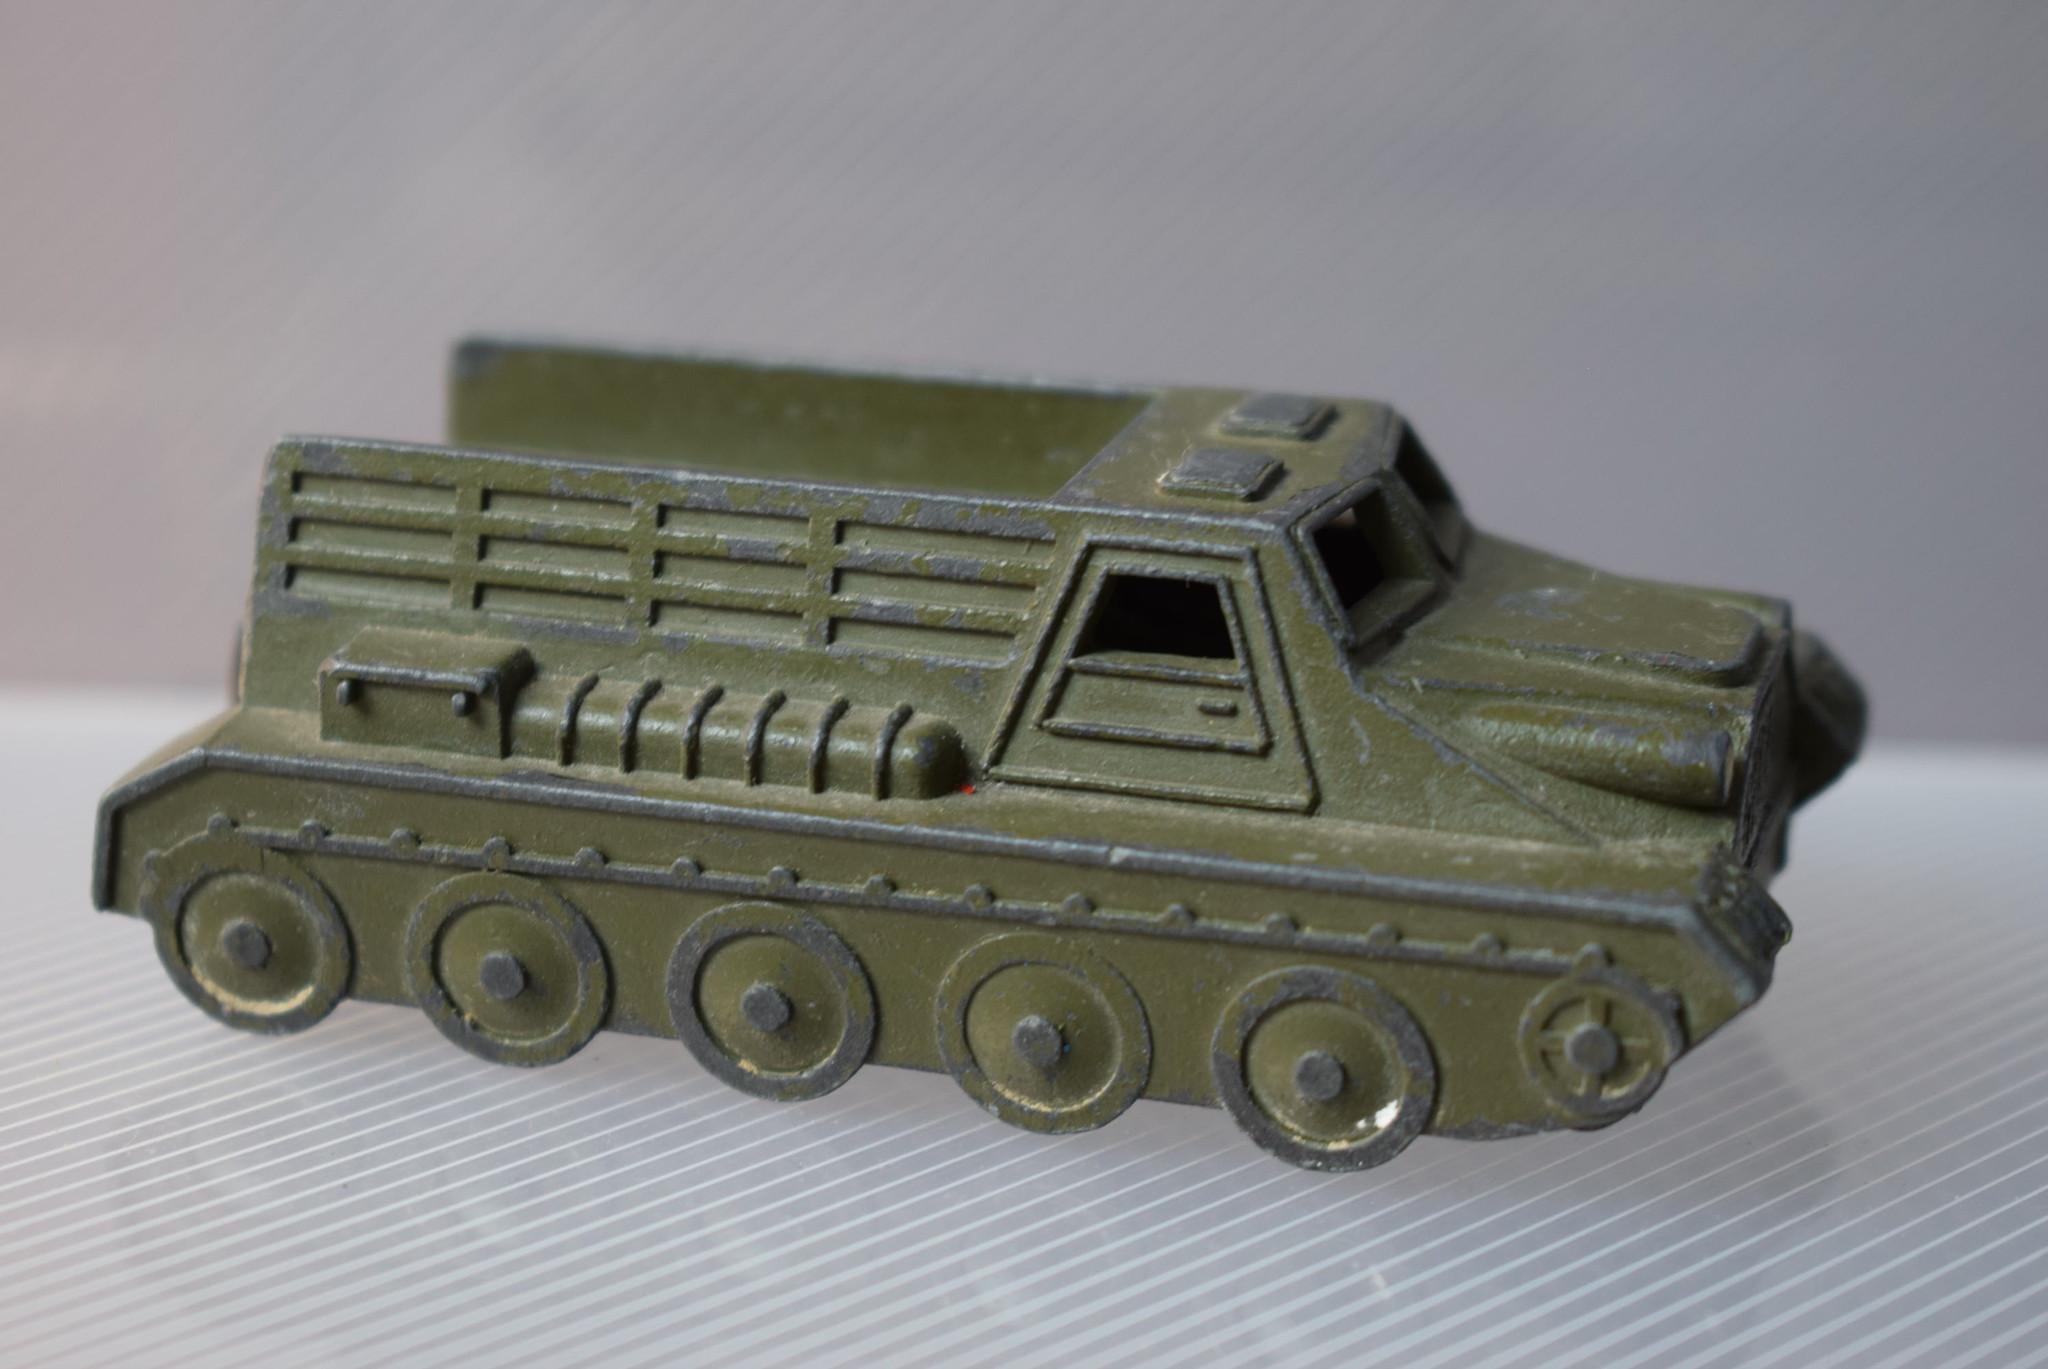 1bb3855f5b6a2ac6654babafb837e263-jatekauto-orosz-katonai-csapatszallito.jpg